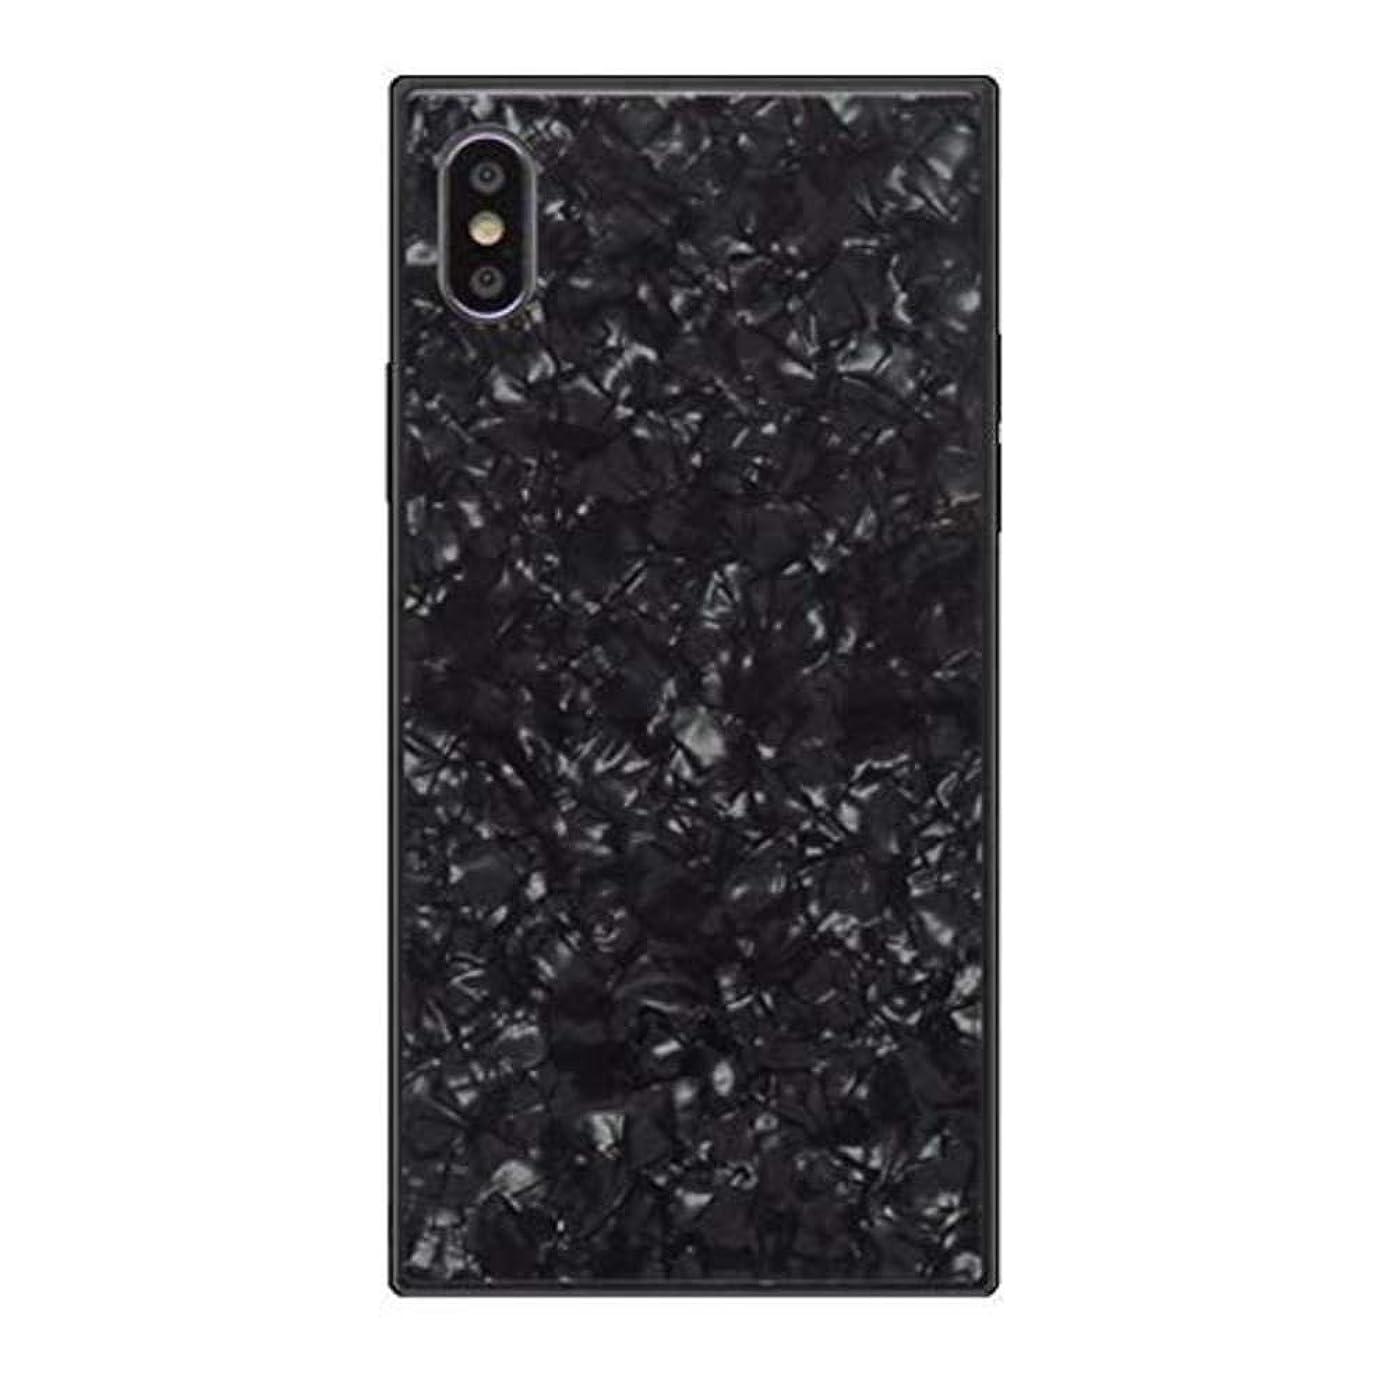 時間とともに売る話すiPhone XR スクエアケース シェル 強化ガラス TPUフレーム スリムケース ハードケース 衝撃吸収 iphone カメラ保護 (iPhone XR, ブラック)